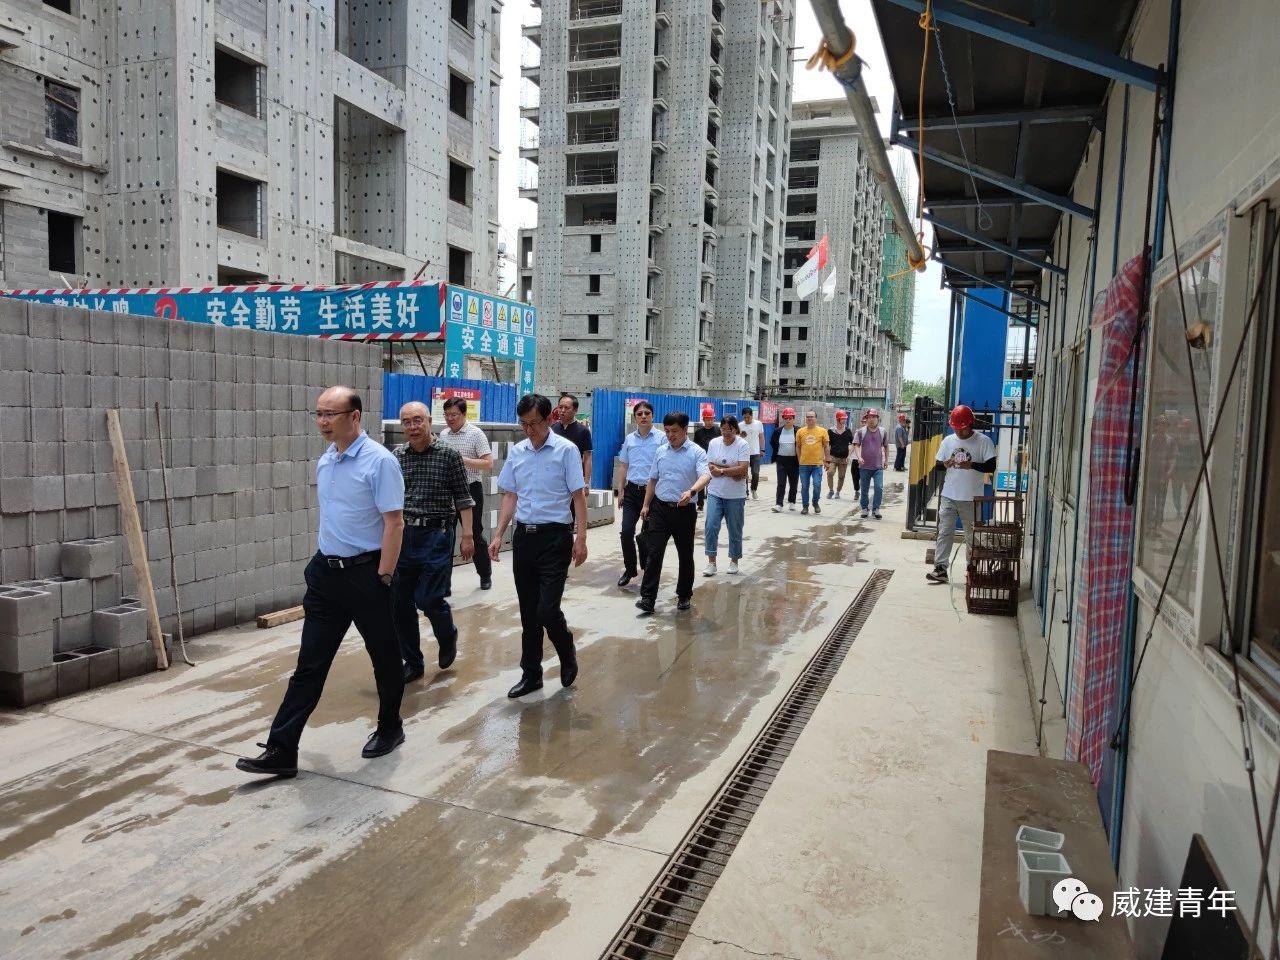 端午将至,集团公司莅临天津分公司检查慰问